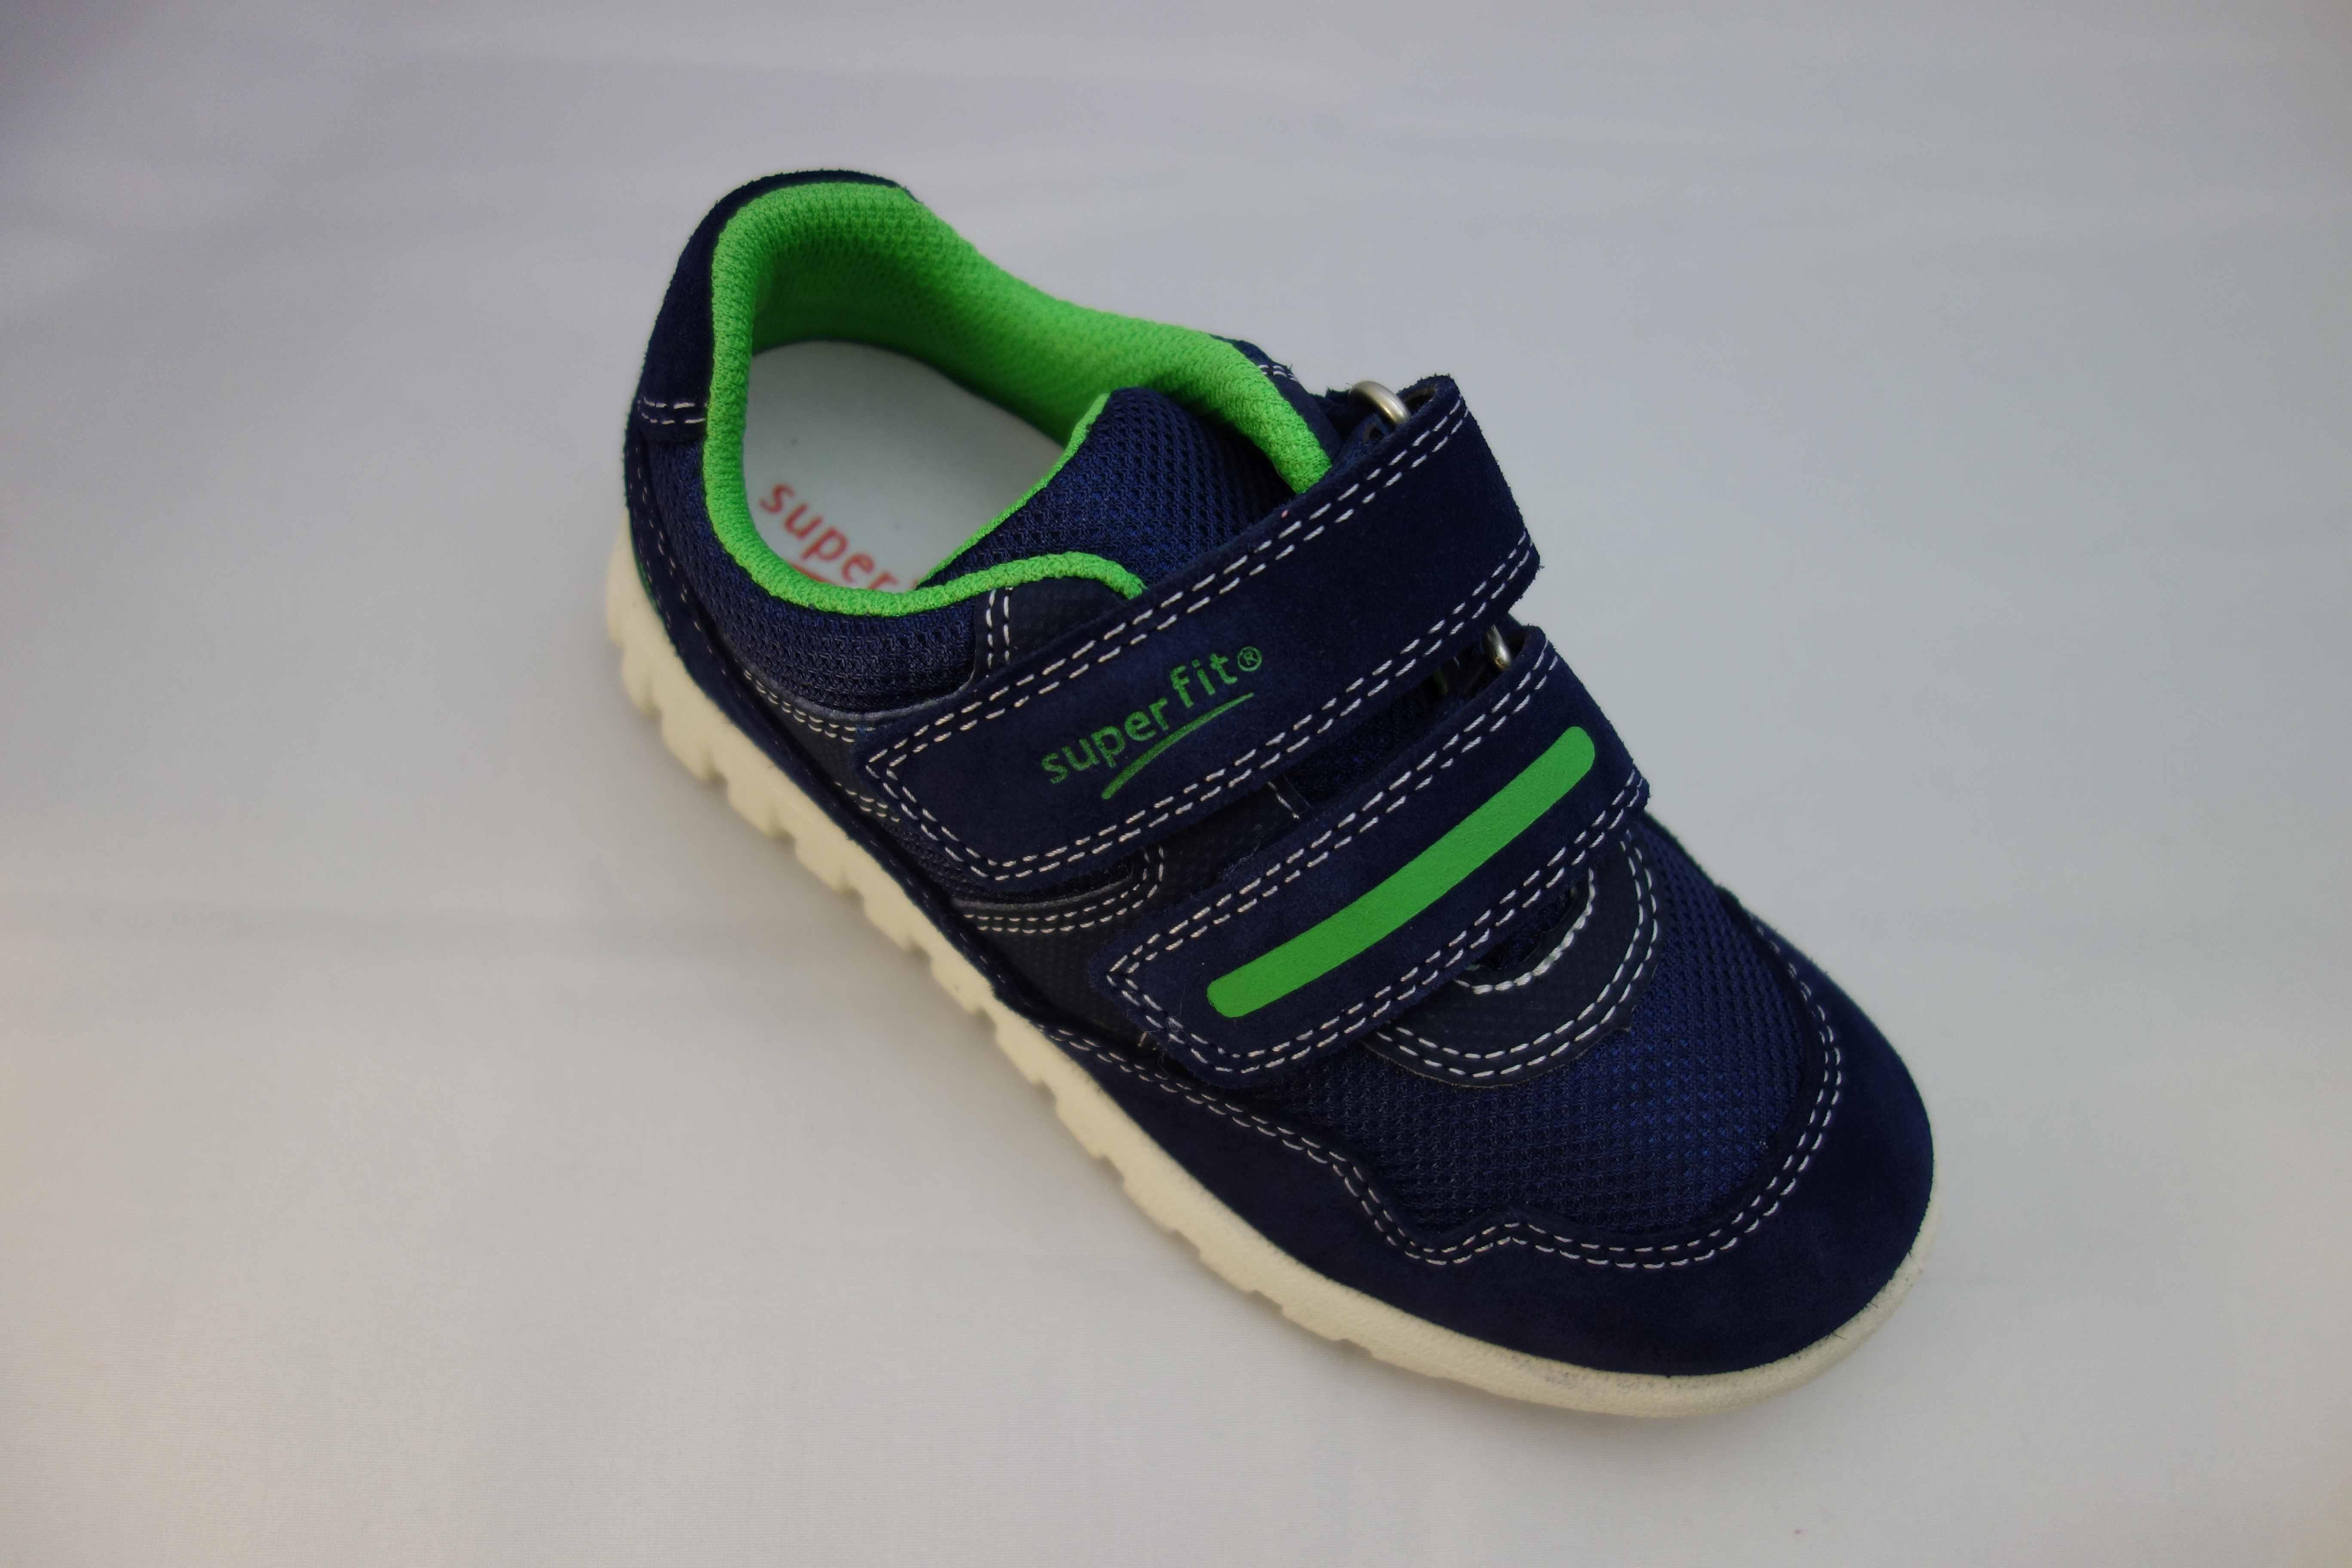 15b13e4093f Kompletní specifikace · Ke stažení · Související zboží. dětská bota na  suchý zip značky superfit.